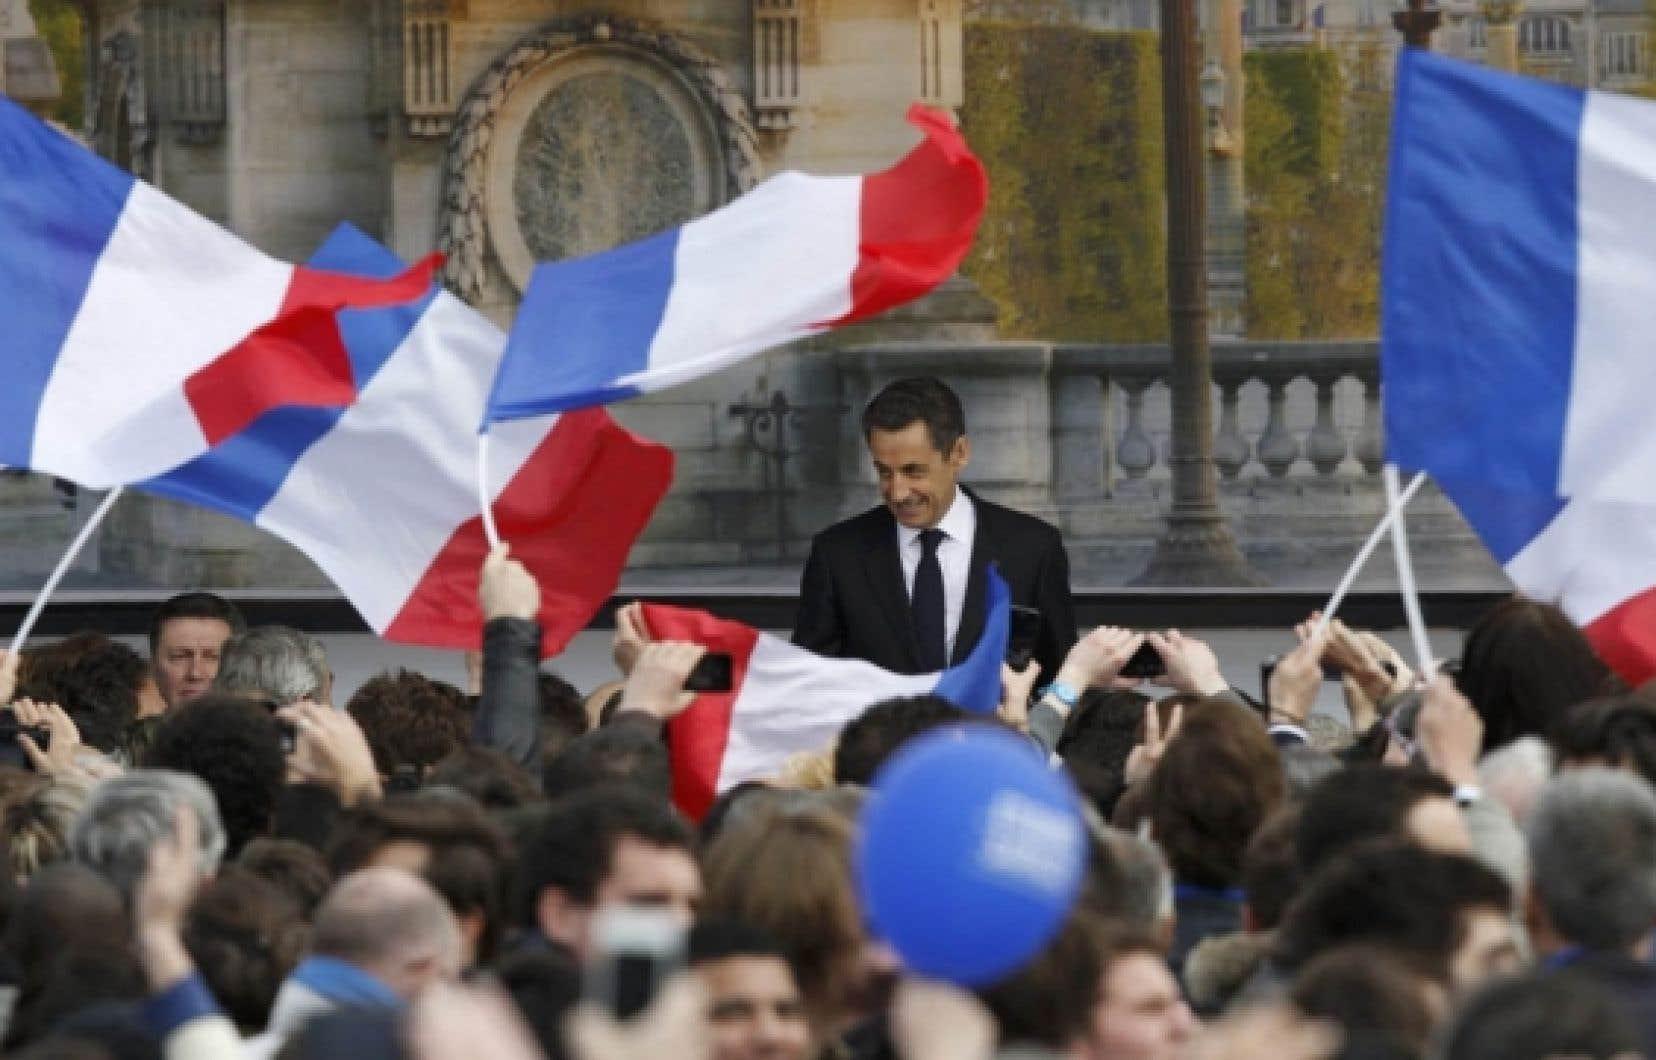 Nicolas Sarkozy, place de la Concorde, hier, lors d'un grand rassemblement de l'UMP. Le président sortant est en baisse dans les milieux populaires, qui avaient assuré sa victoire en 2007.<br />